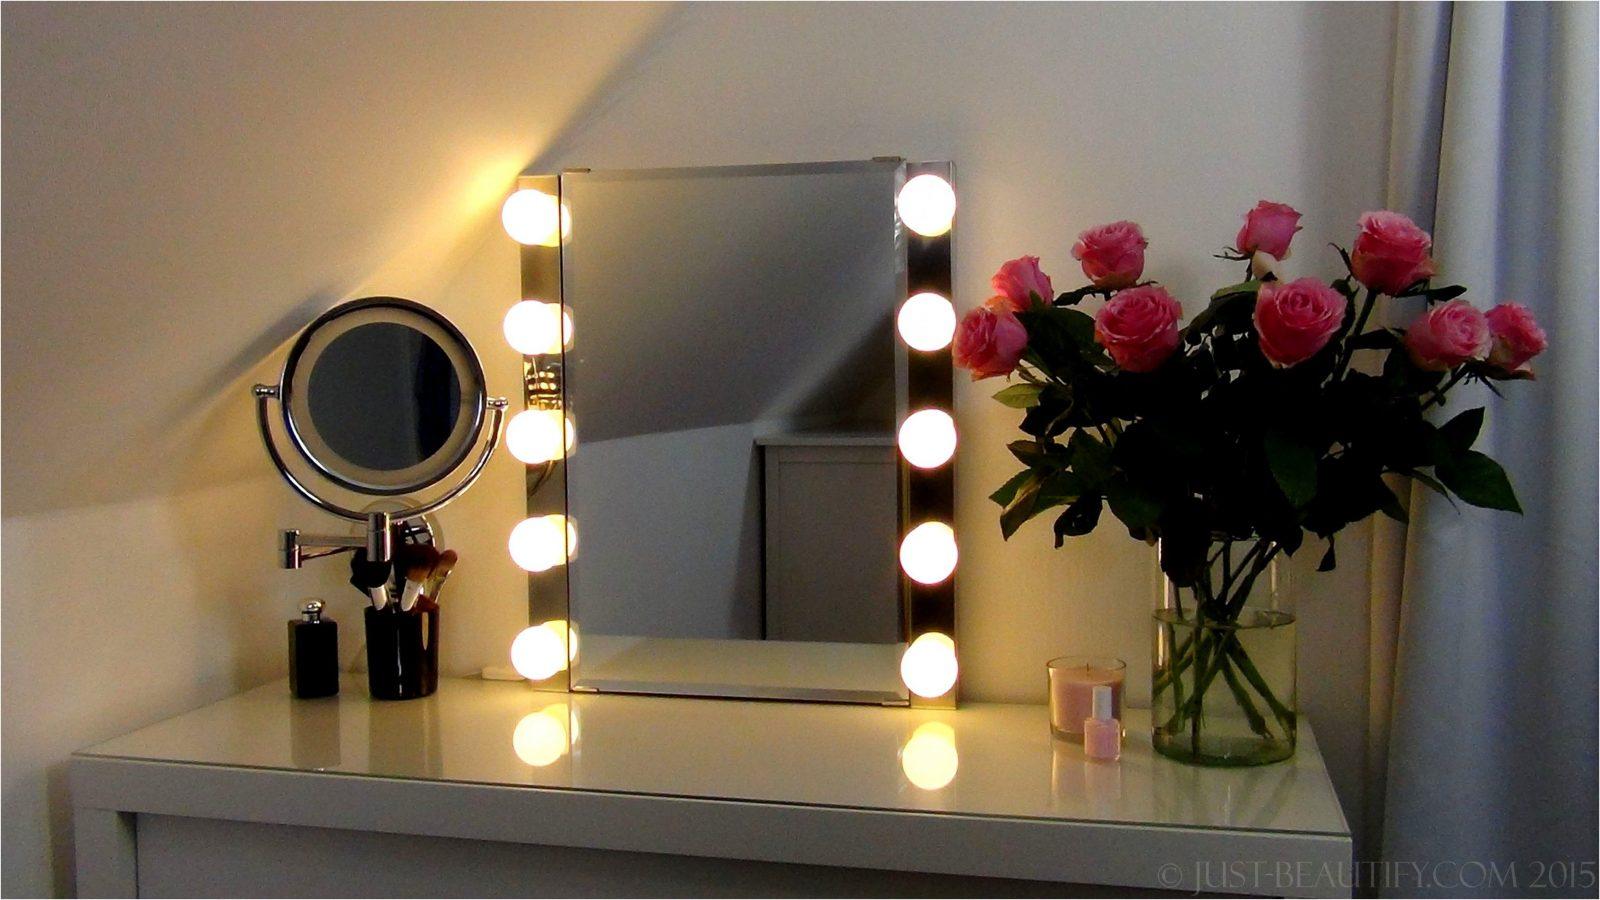 Ikea Keukenkast Licht In Fresh Afbeeldingen Van Schminktisch Spiegel von Schminktisch Mit Spiegel Und Beleuchtung Ikea Bild